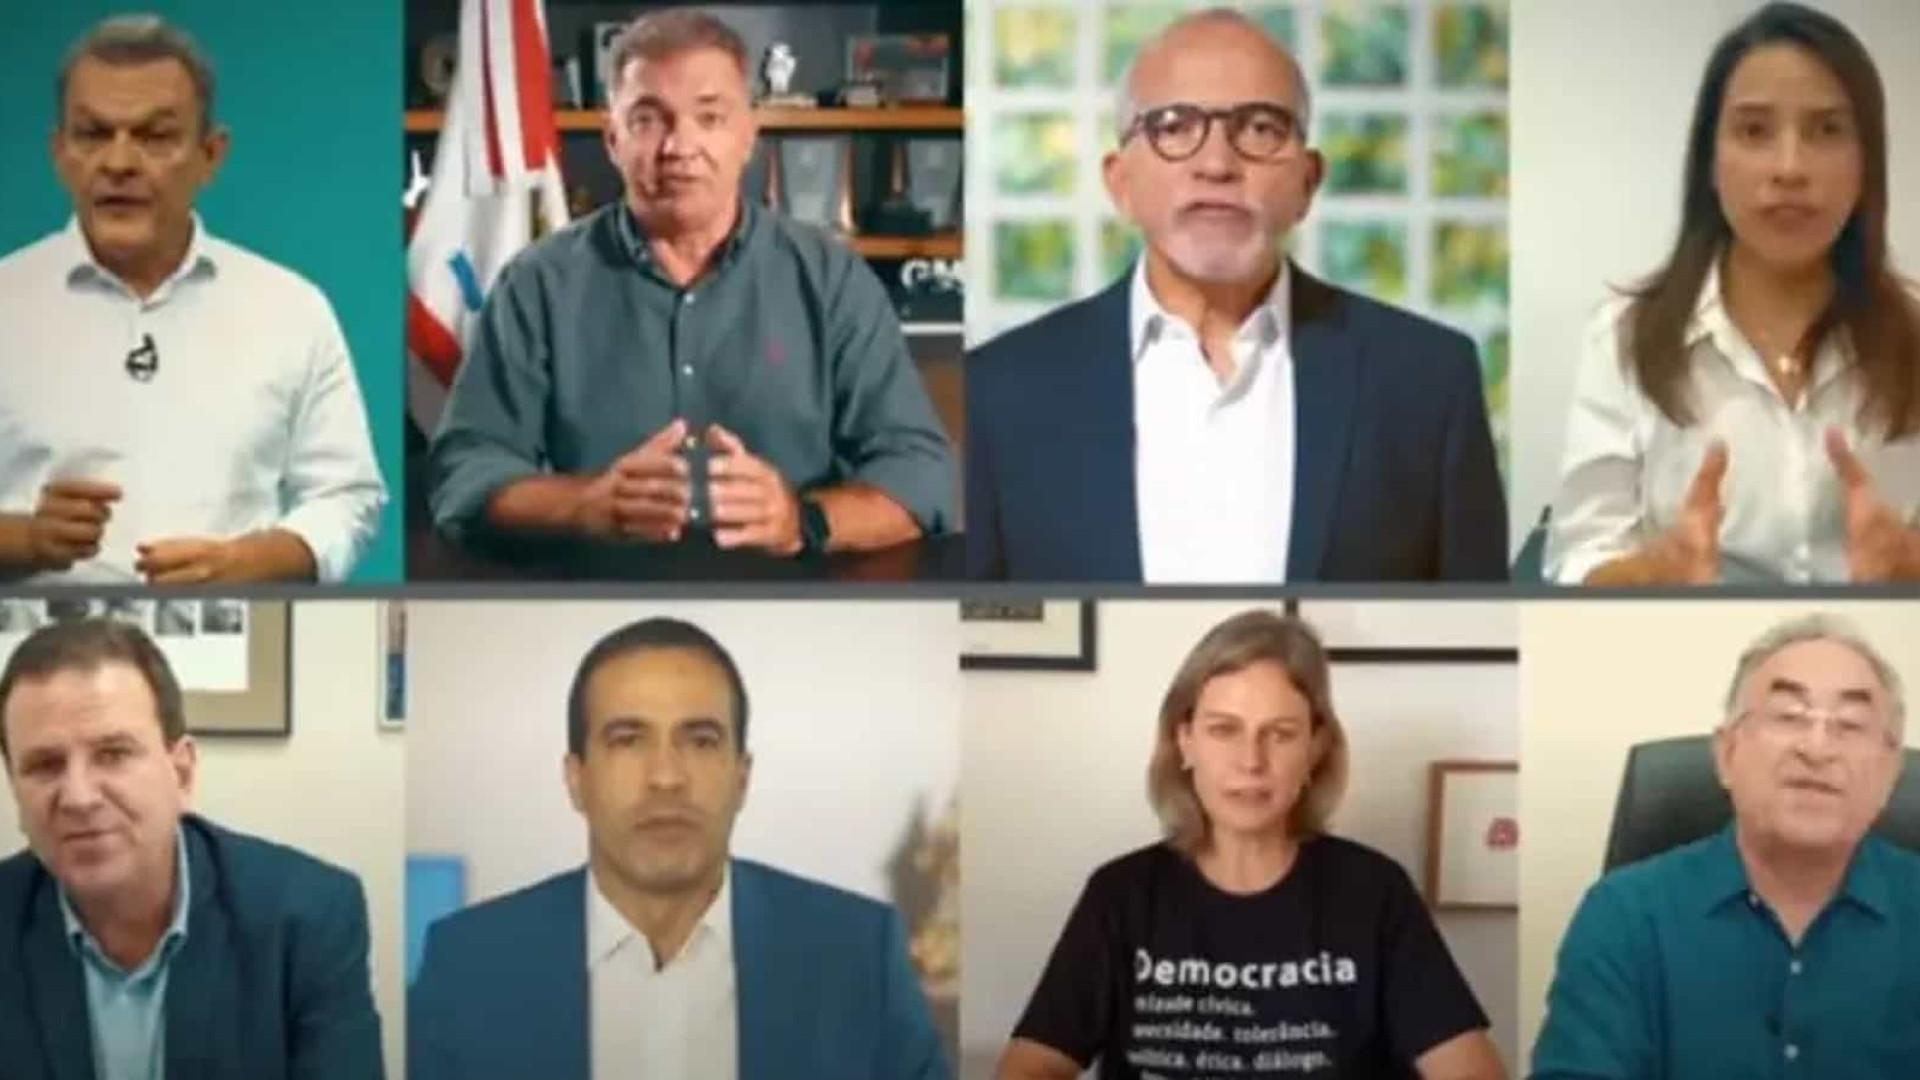 Em vídeo dramático, prefeitos pedem ajuda internacional para combater pandemia